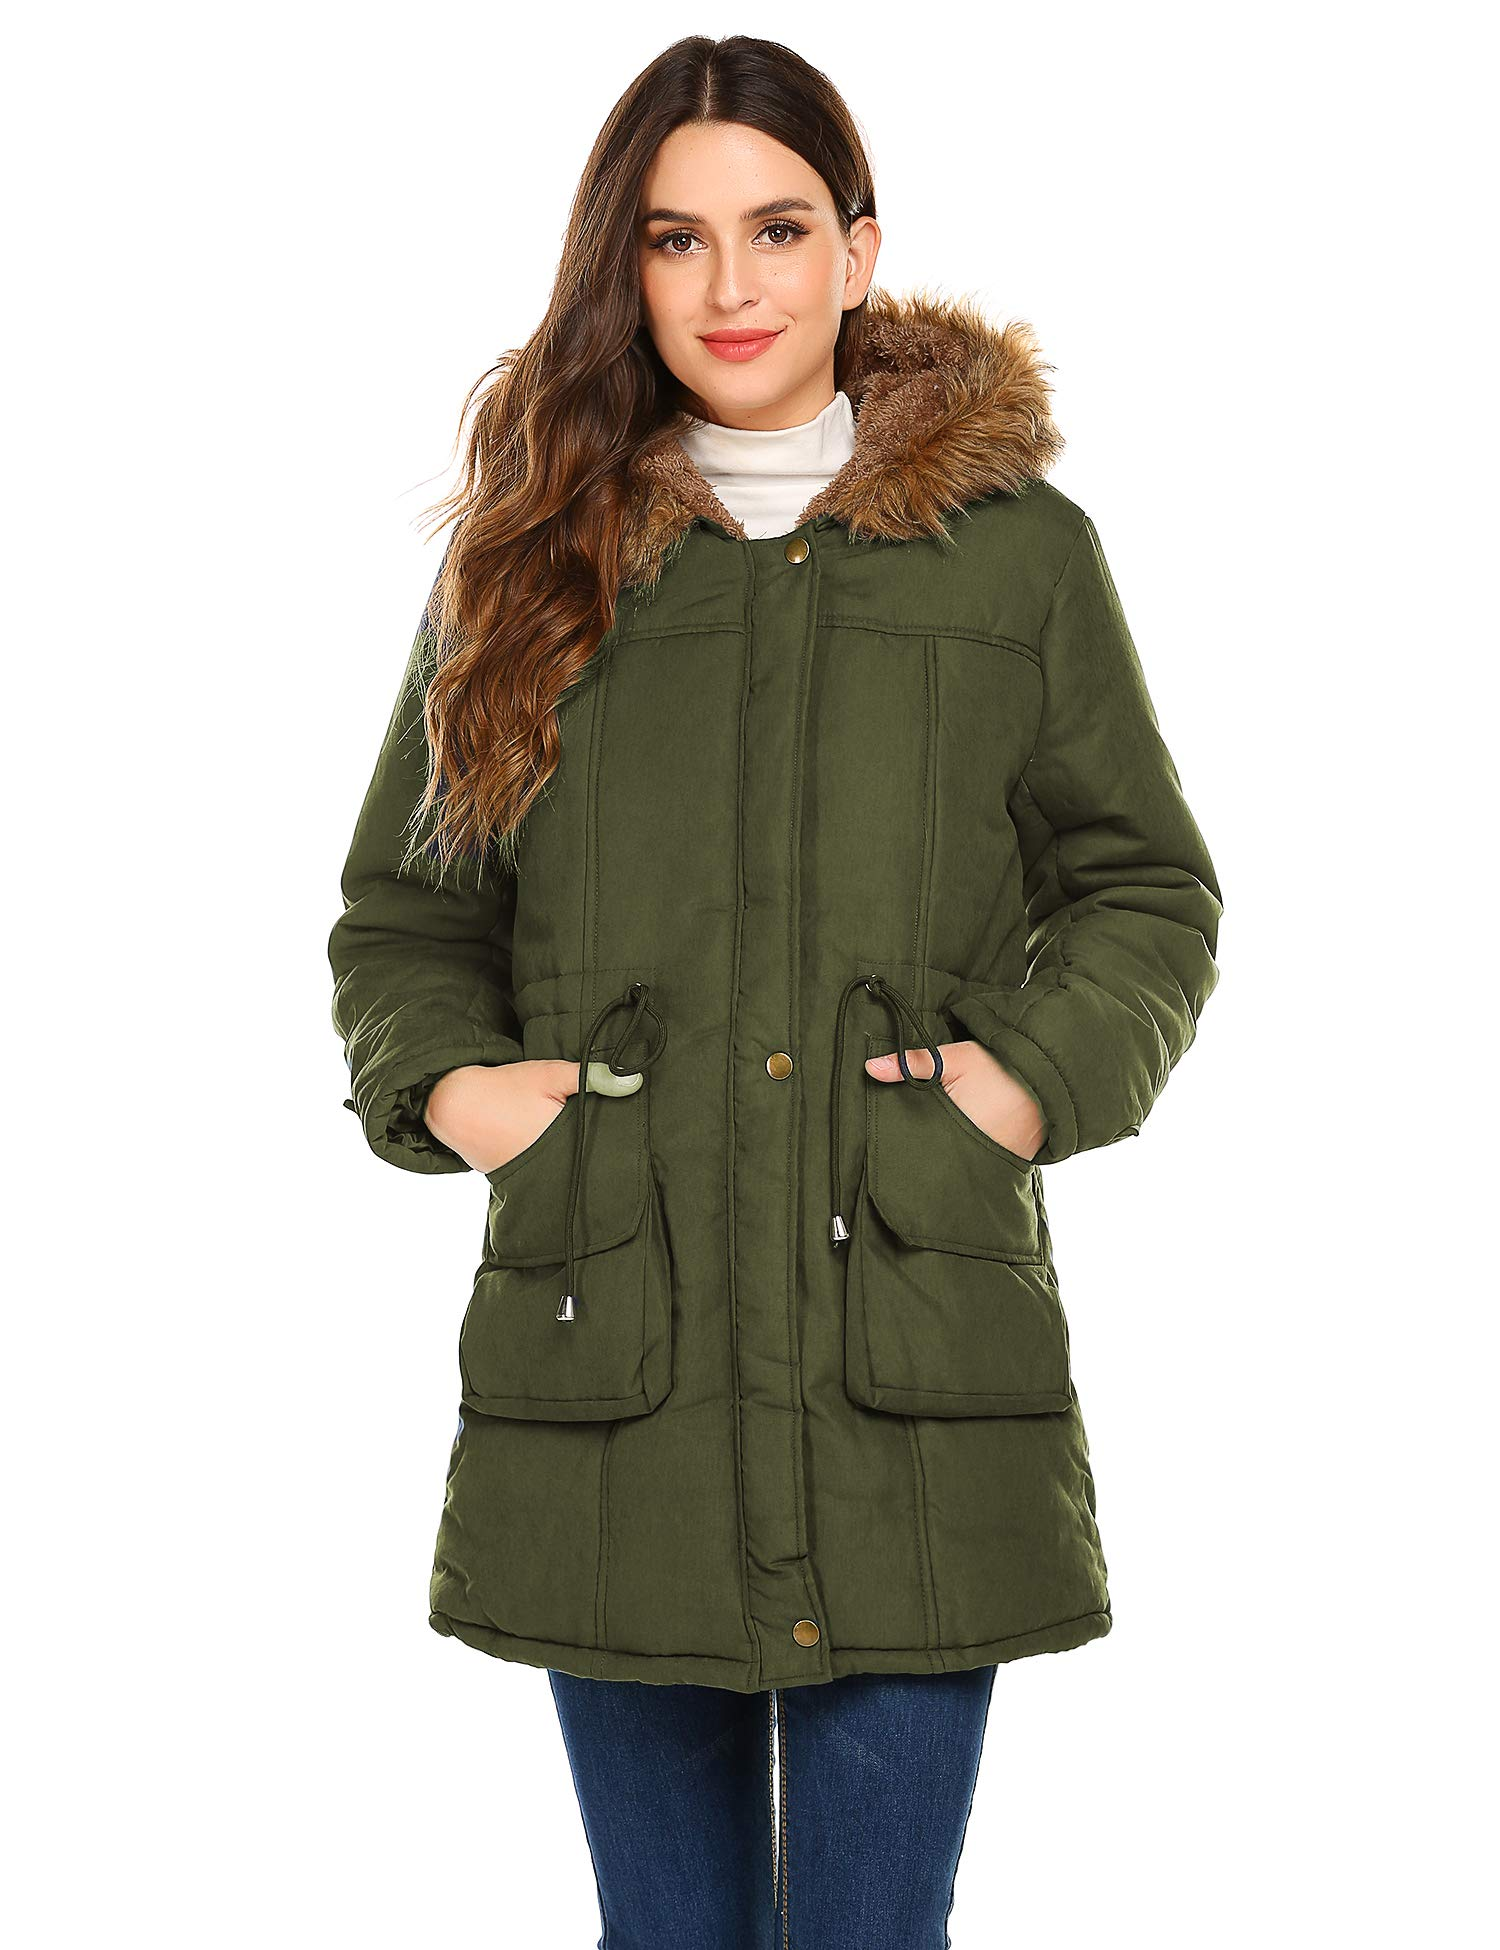 Meaneor Women's Hooded Warm Winter Faux Fur Lined Parkas Long Coats Jacket Overcoat Fleece Outwear with Drawstring